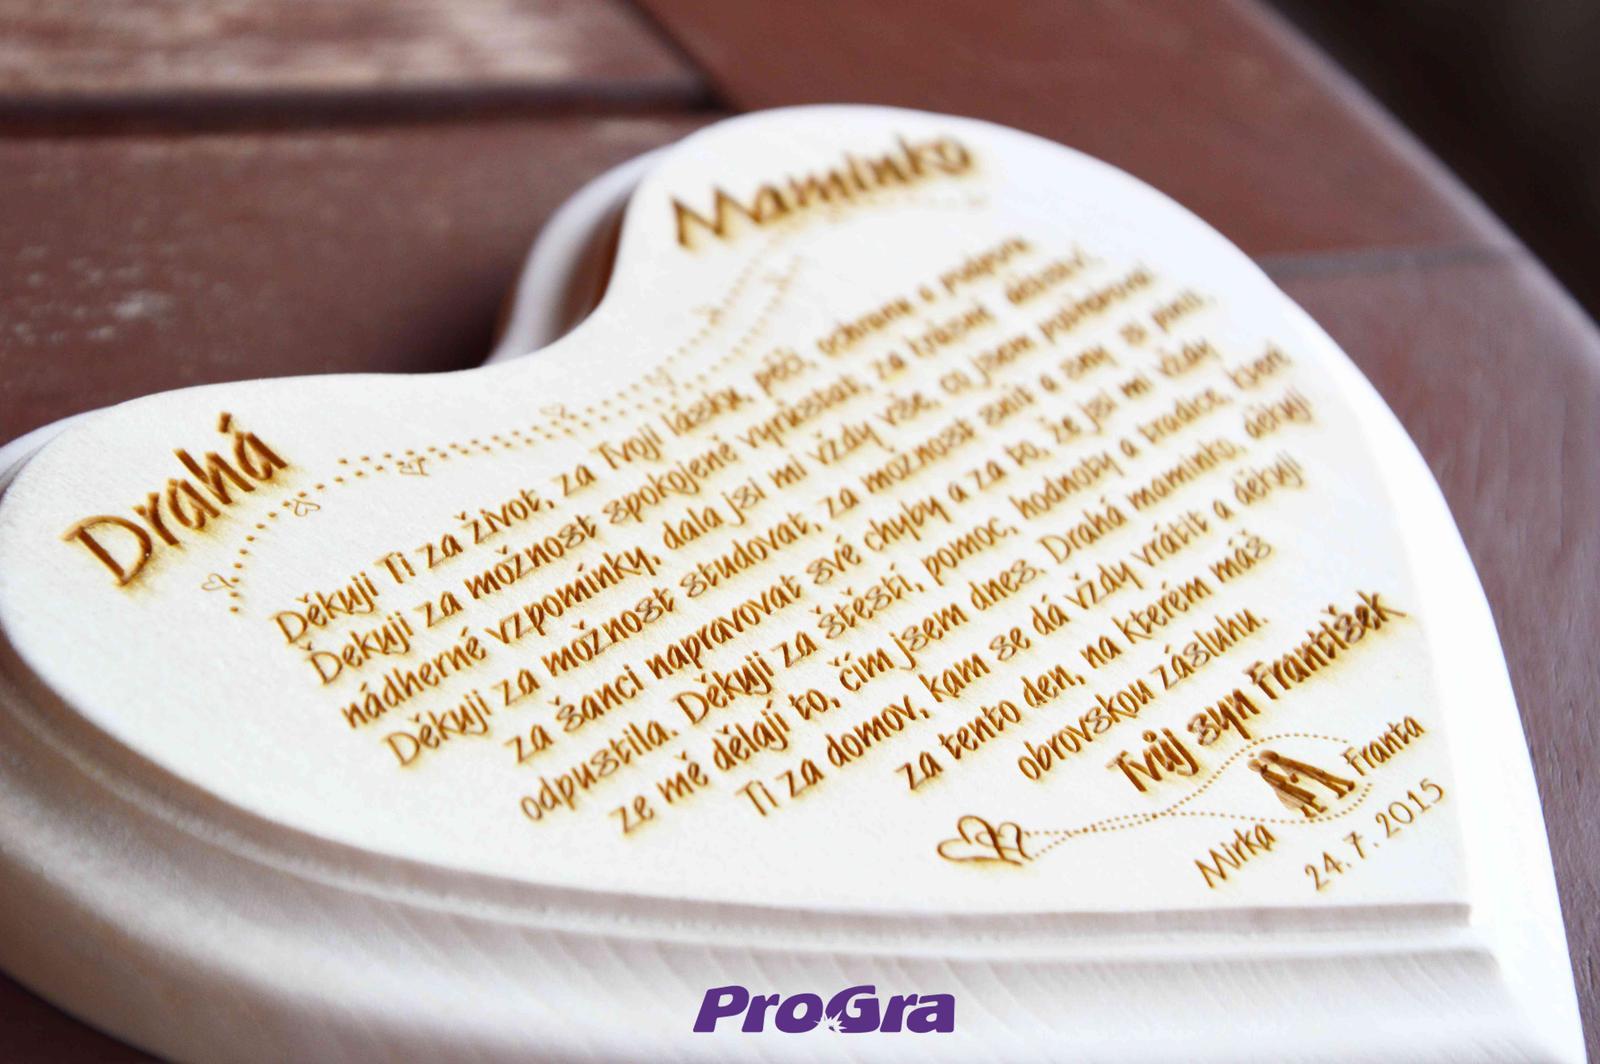 Poďakovanie rodičom - Srdiečka pripravíme aj v cudzích jazykoch - môžete zaslať vlastný text